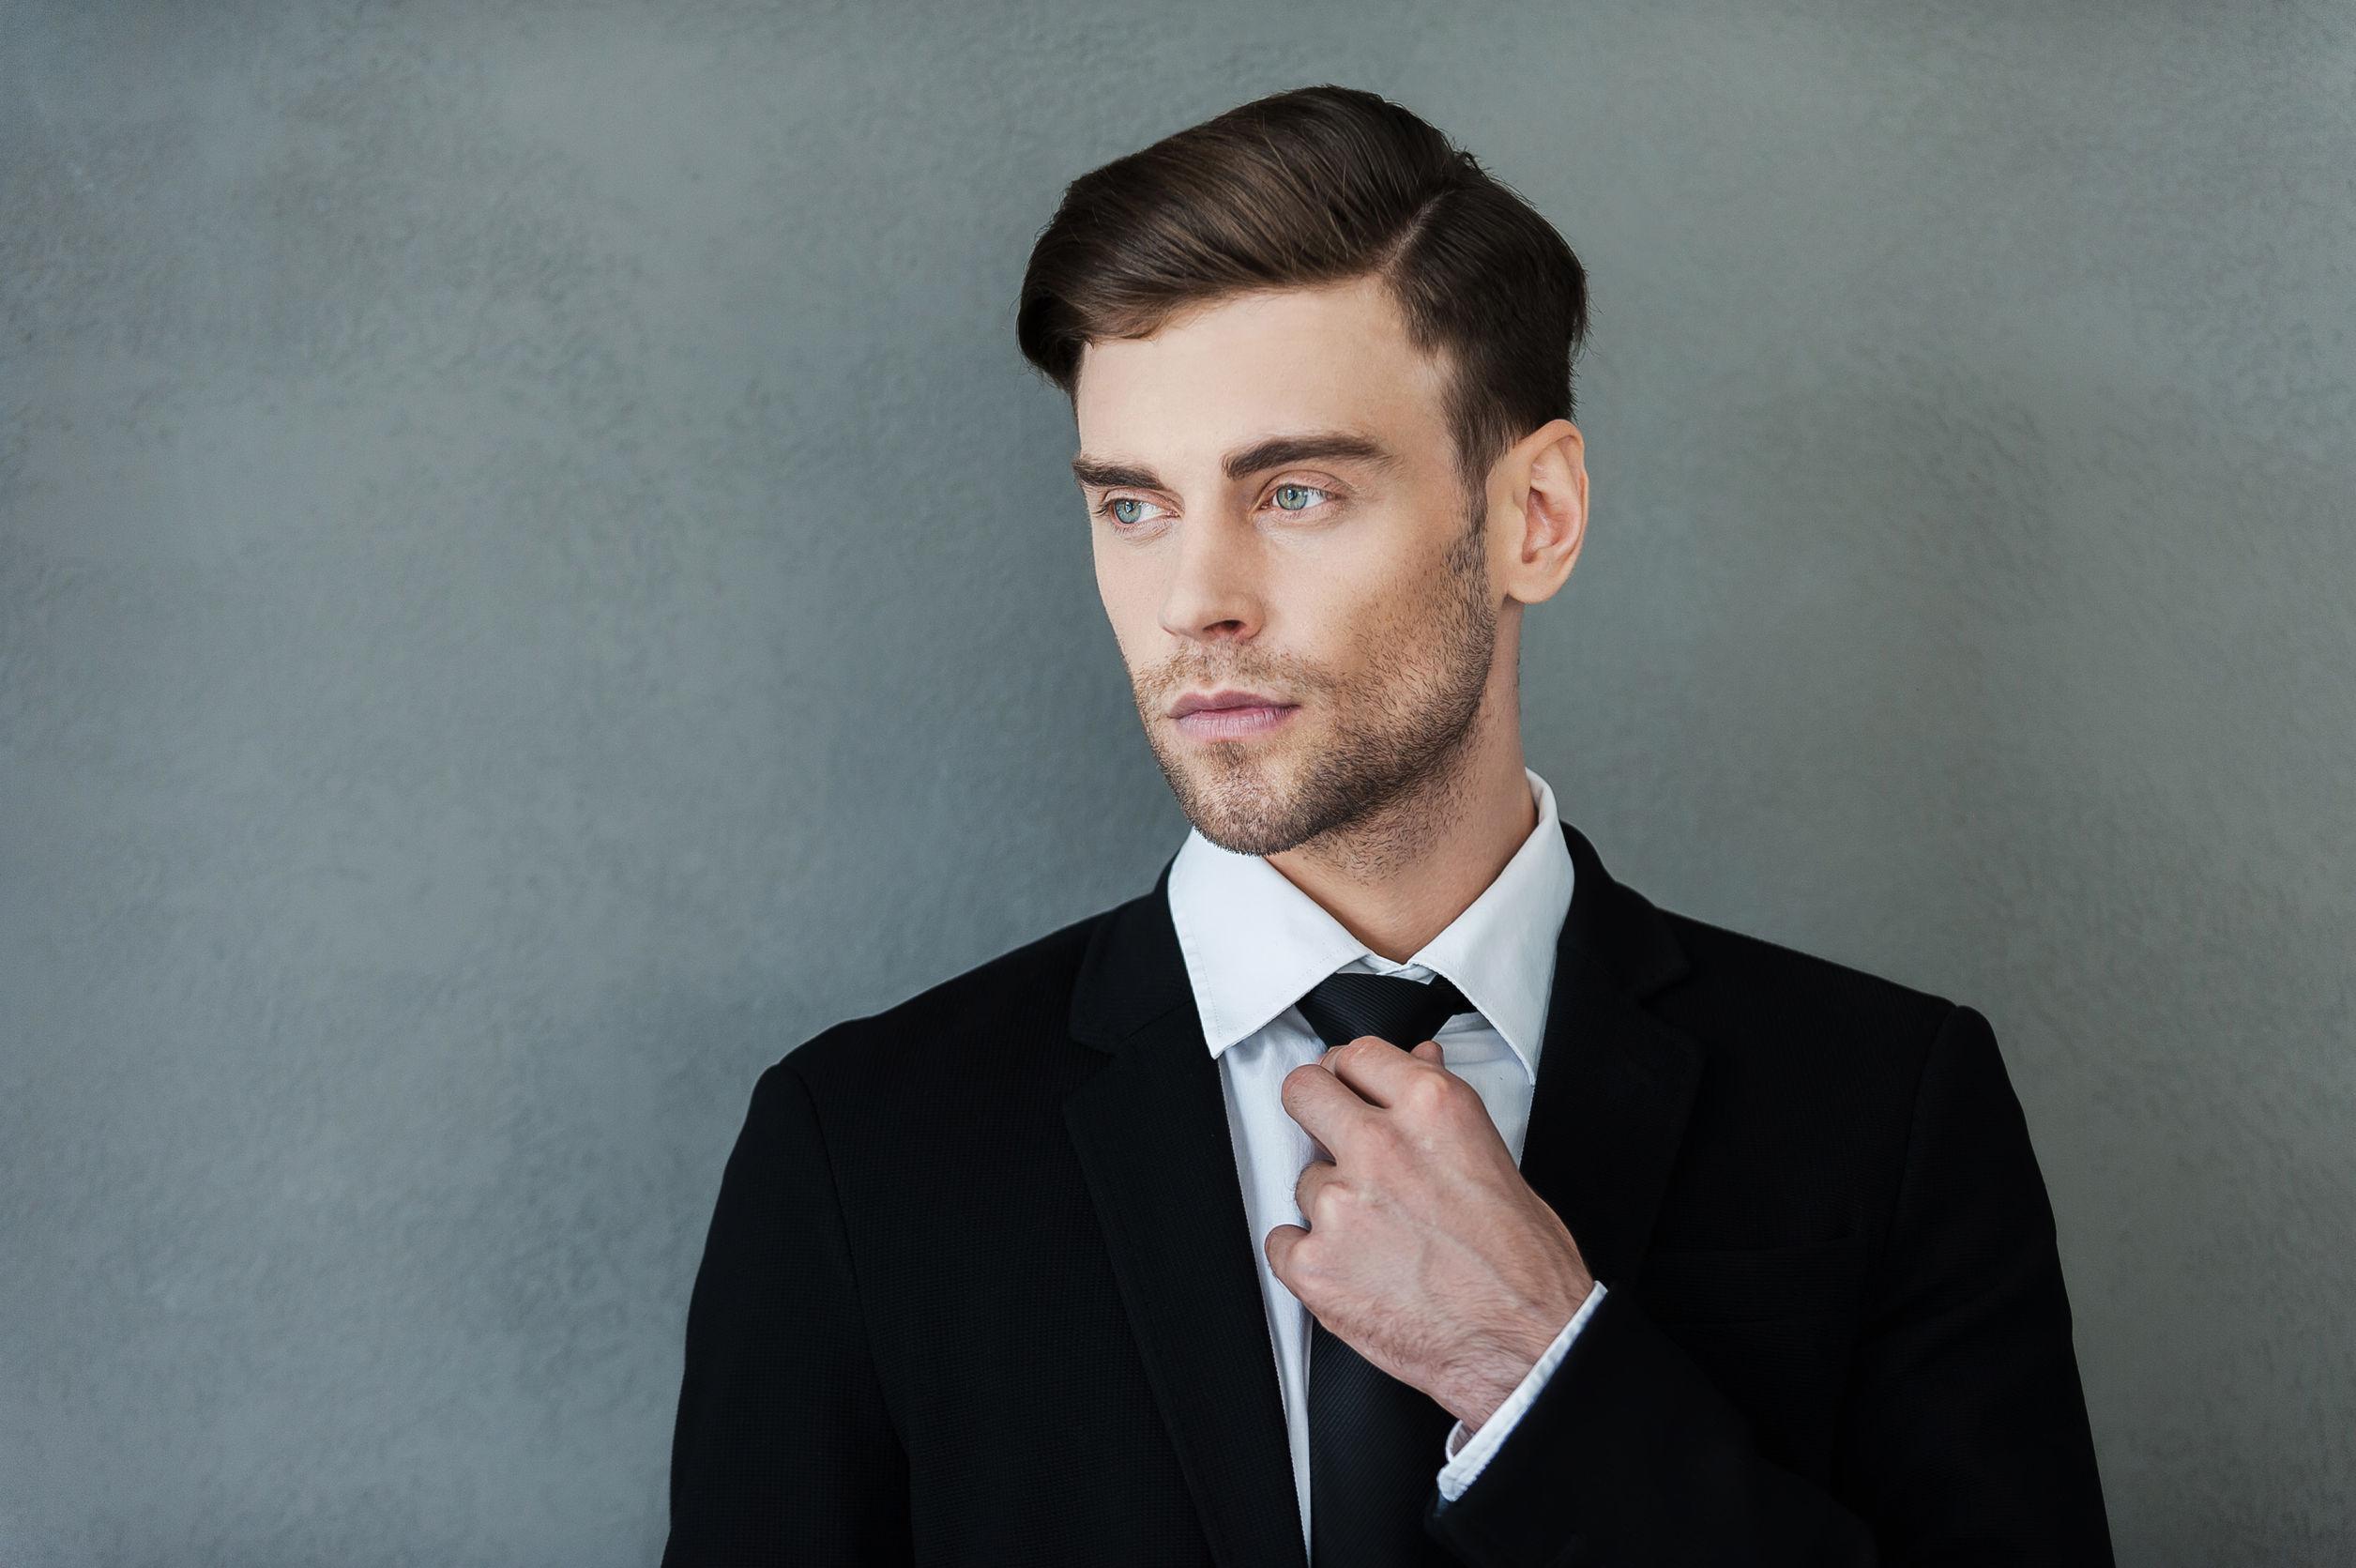 【2019年冬】30代メンズにおすすめの髪型40選|ビジネスにも